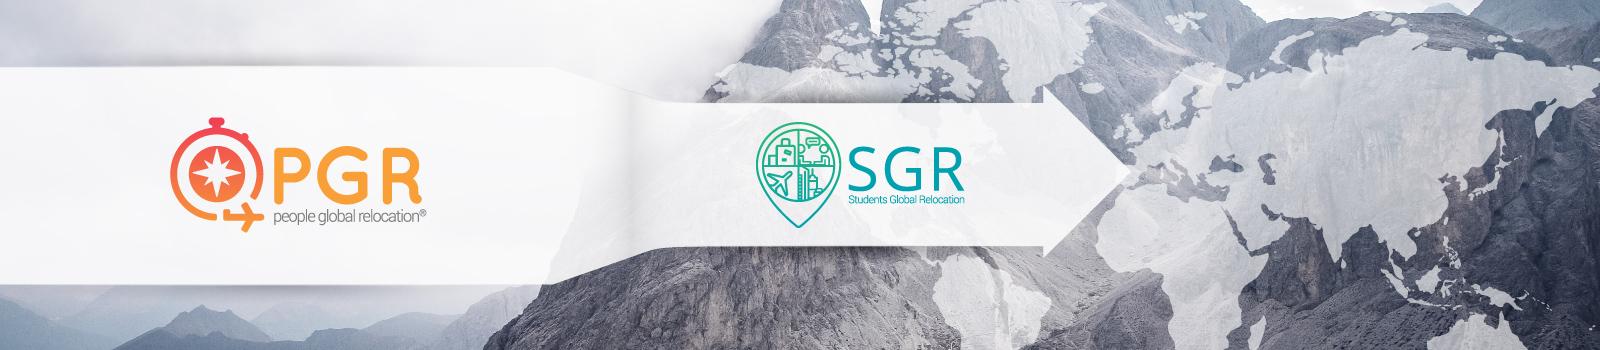 SGR-PGR.jpg